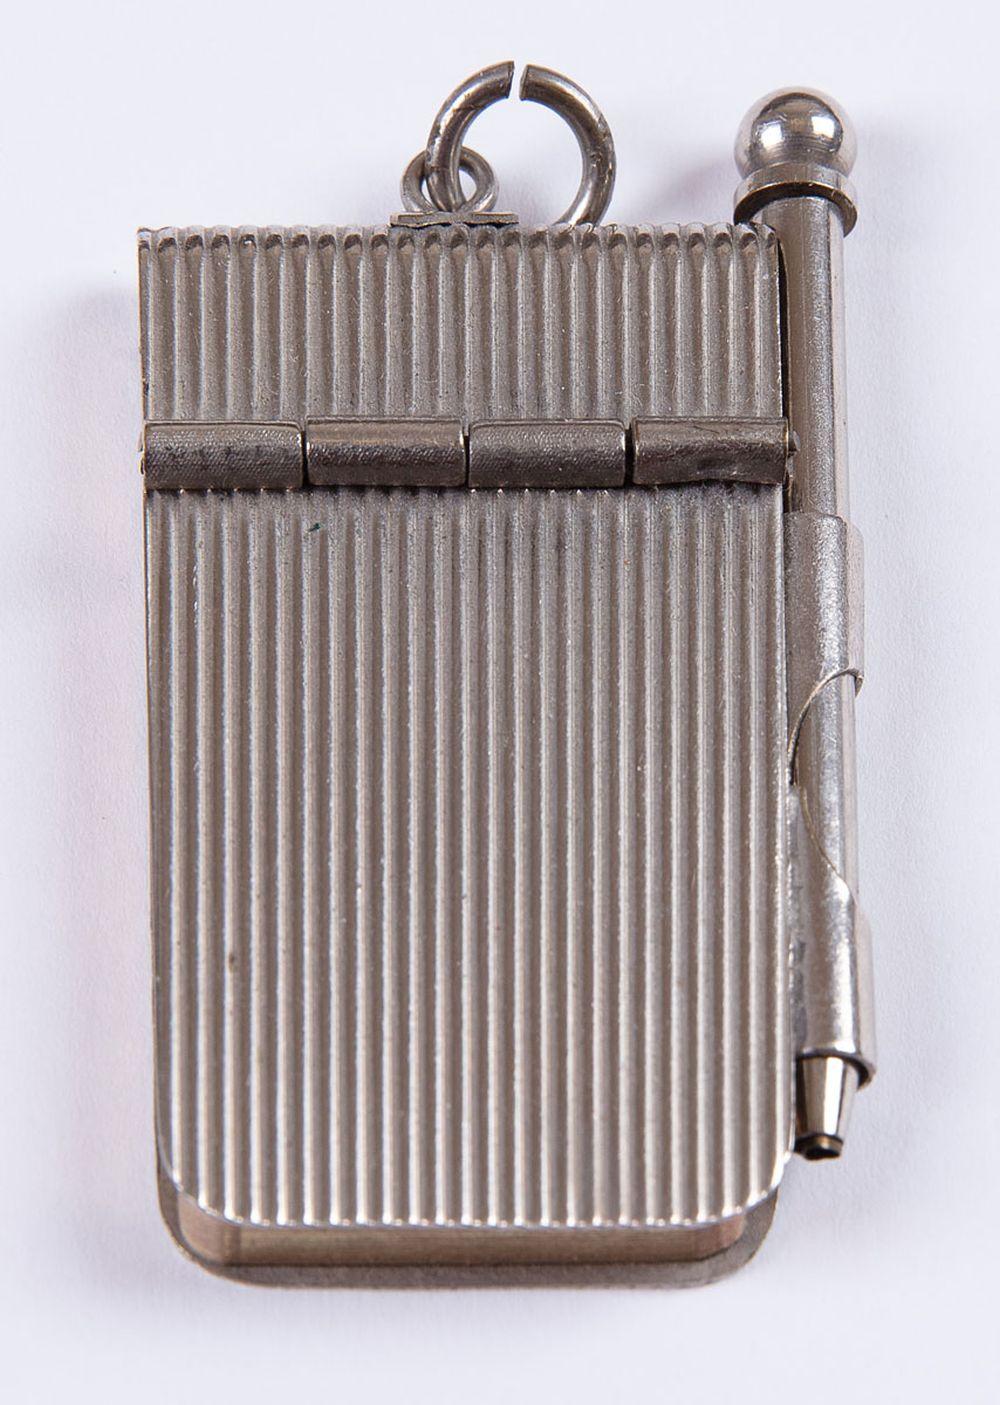 [MINUSCULA] Carnet sous reliure en métal arg